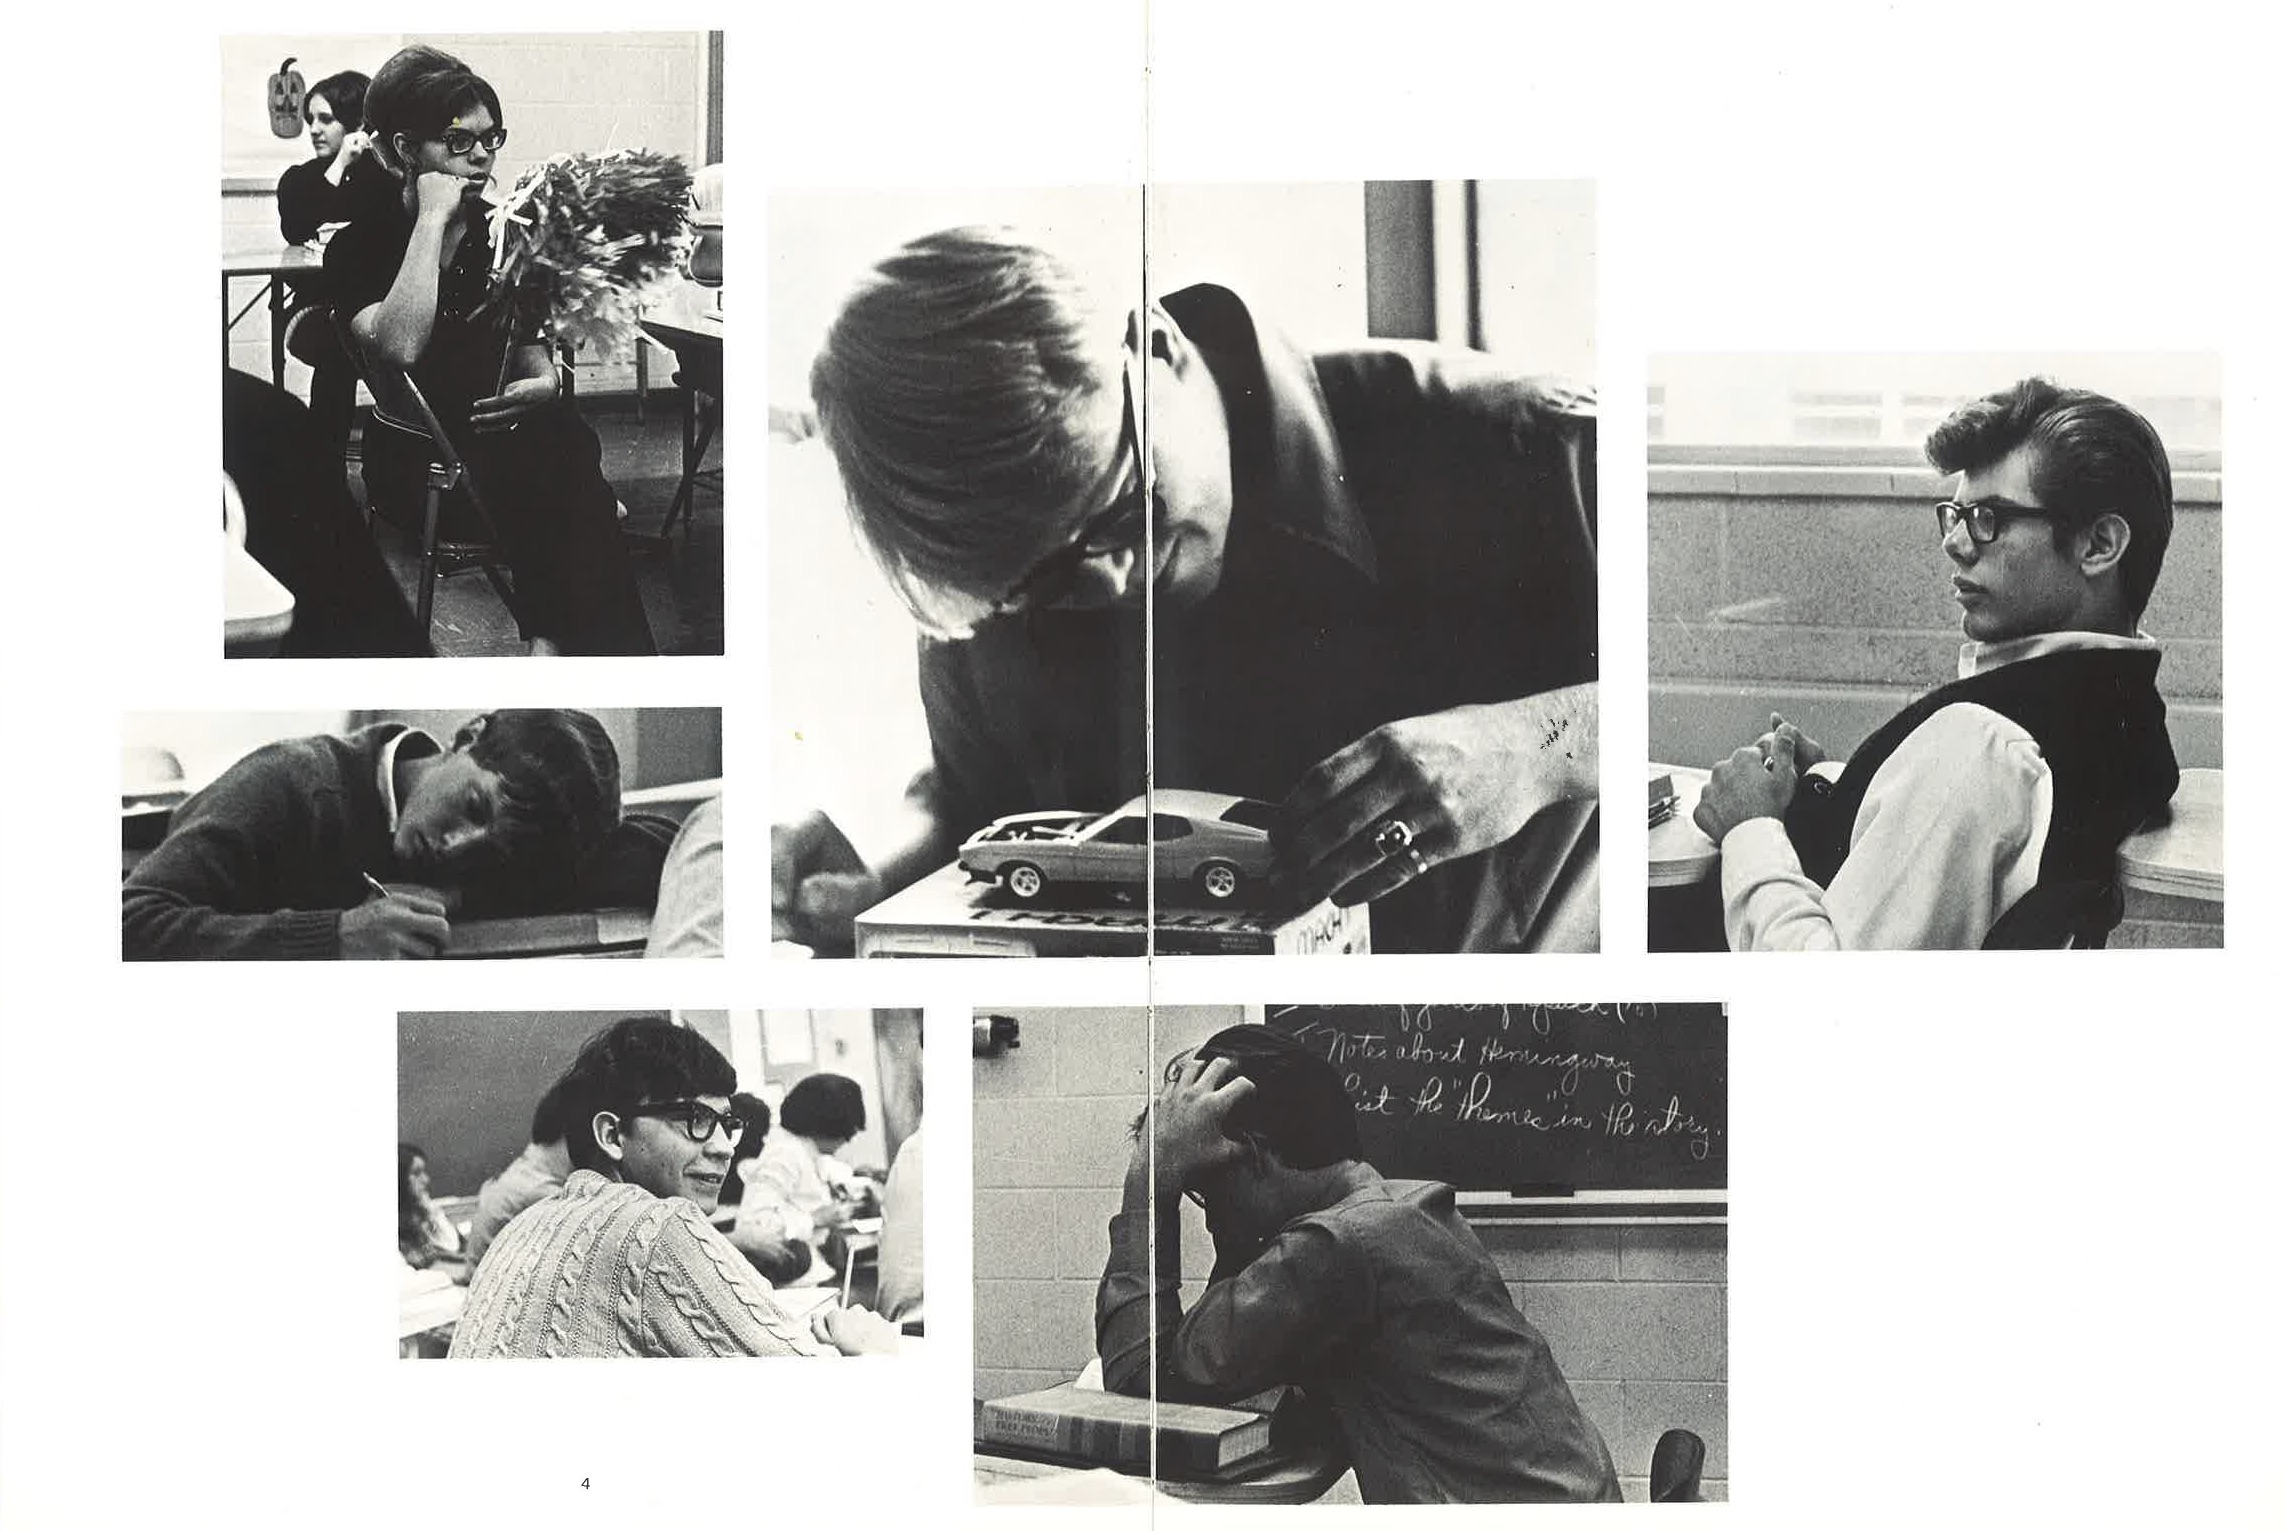 1971_Yearbook_4-5.jpg